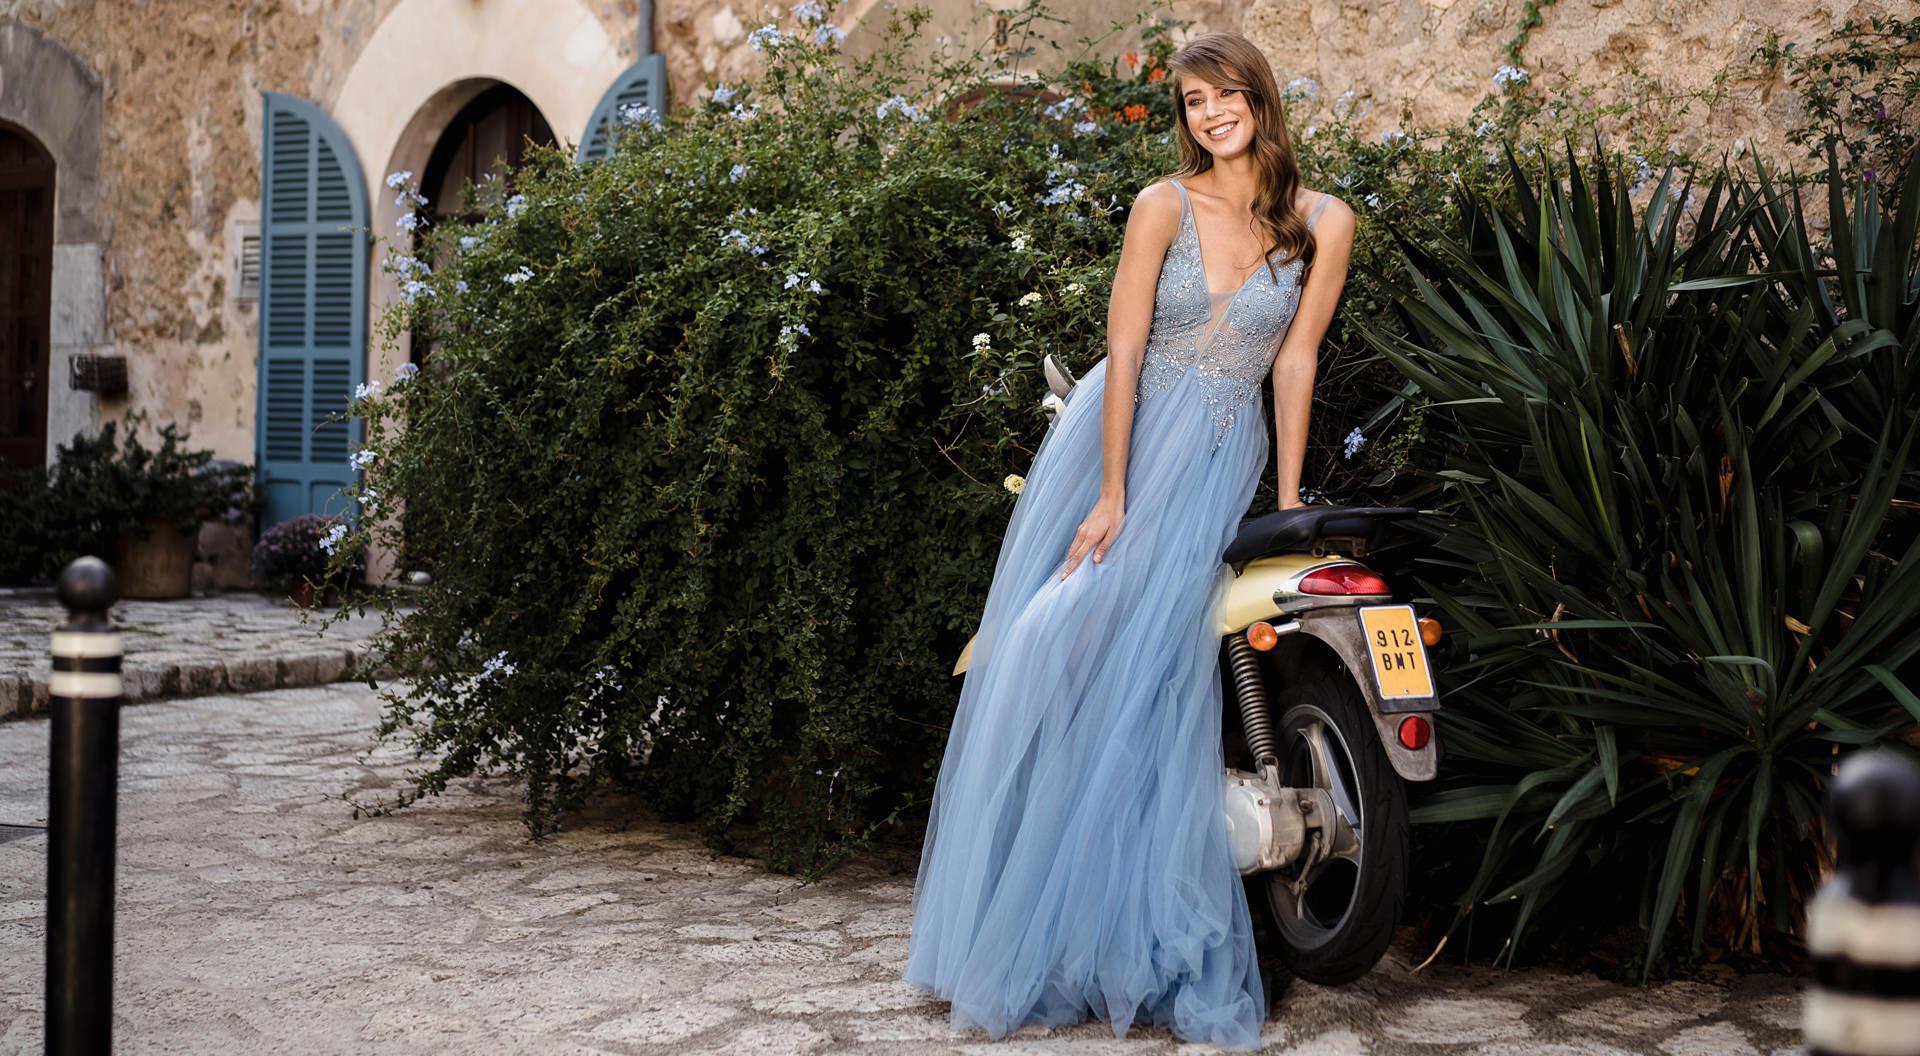 Christian Koehlert Paris - Das Trendlabel für elegante Abendmode